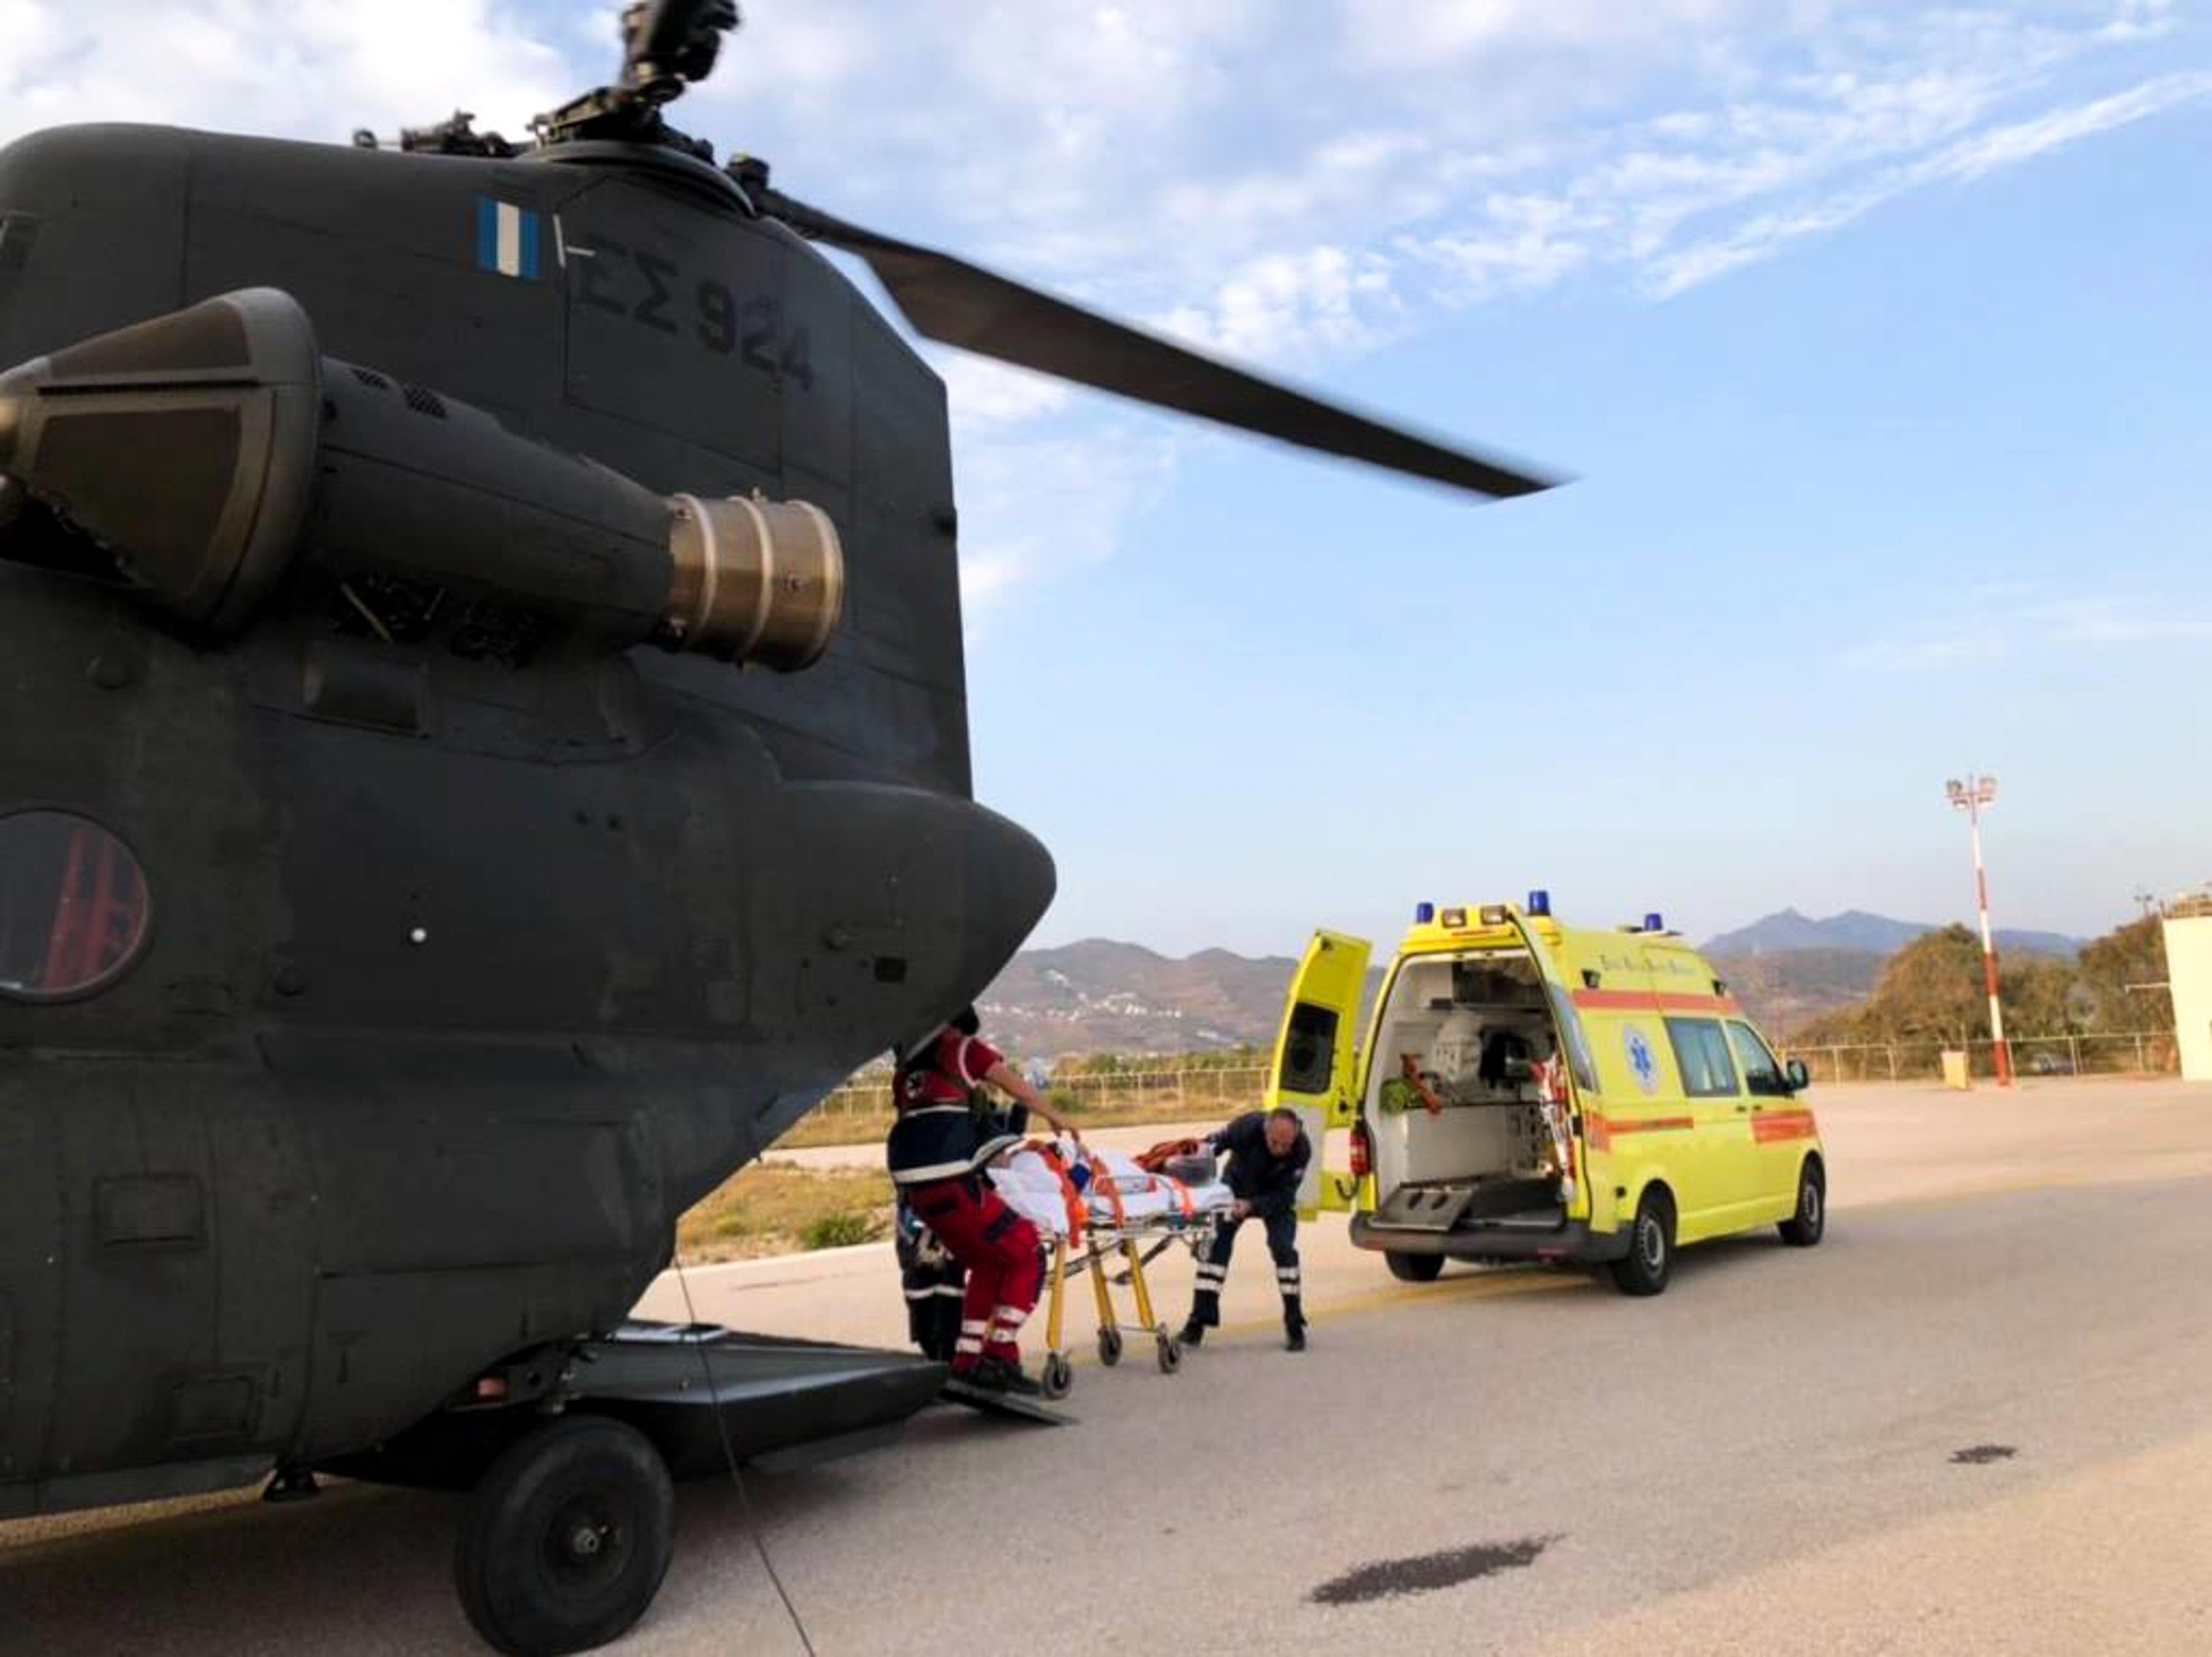 Συναγερμός στο ΕΚΑΒ: Πενταπλή αεροδιακομιδή ασθενών στην Κρήτη